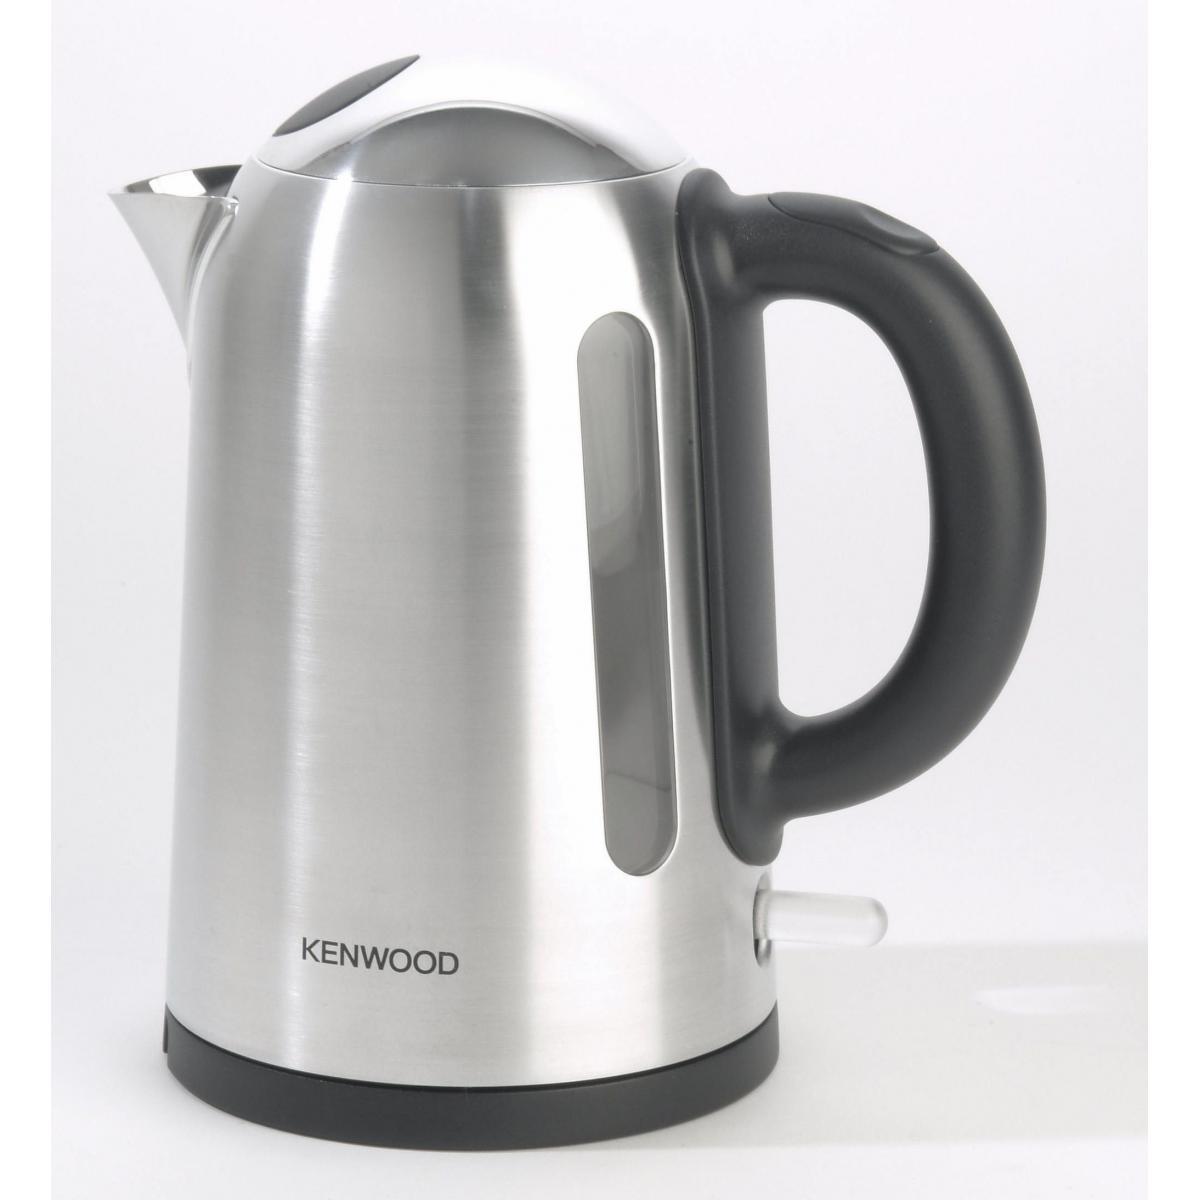 Kenwood BOUILLOIRE KENWOOD SJM 110